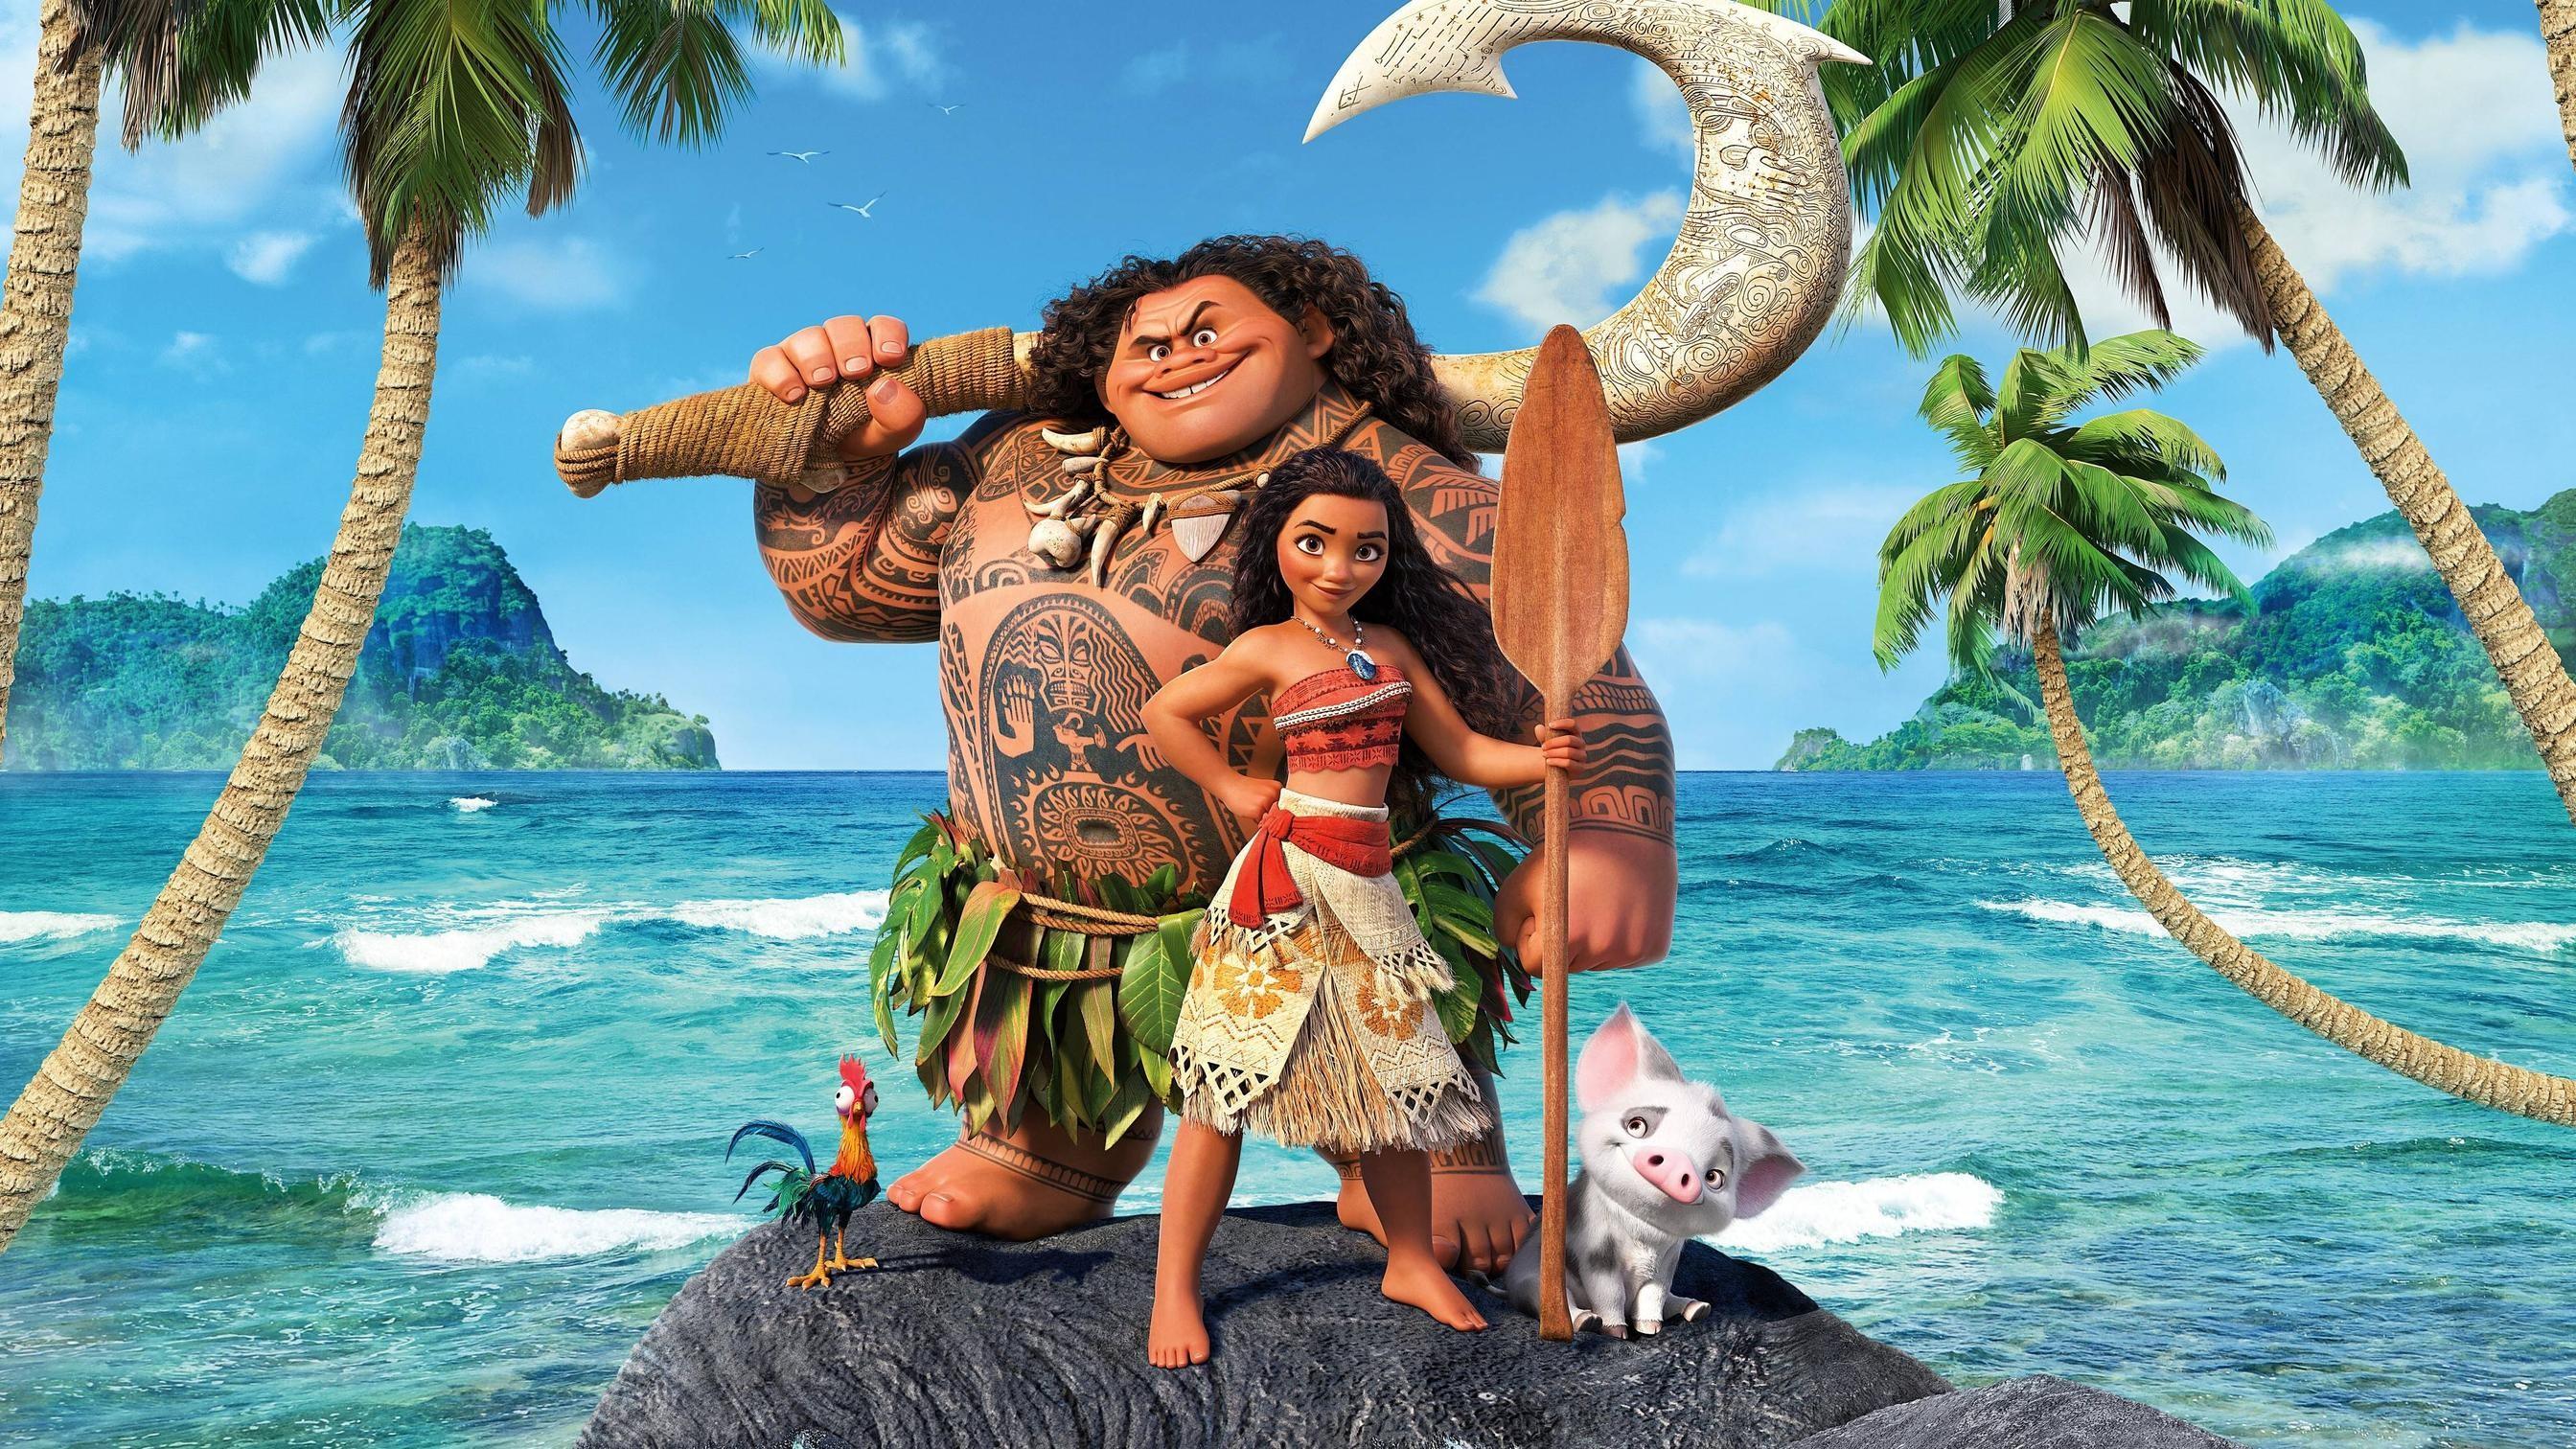 Moana 2016 Disney Movie 4k